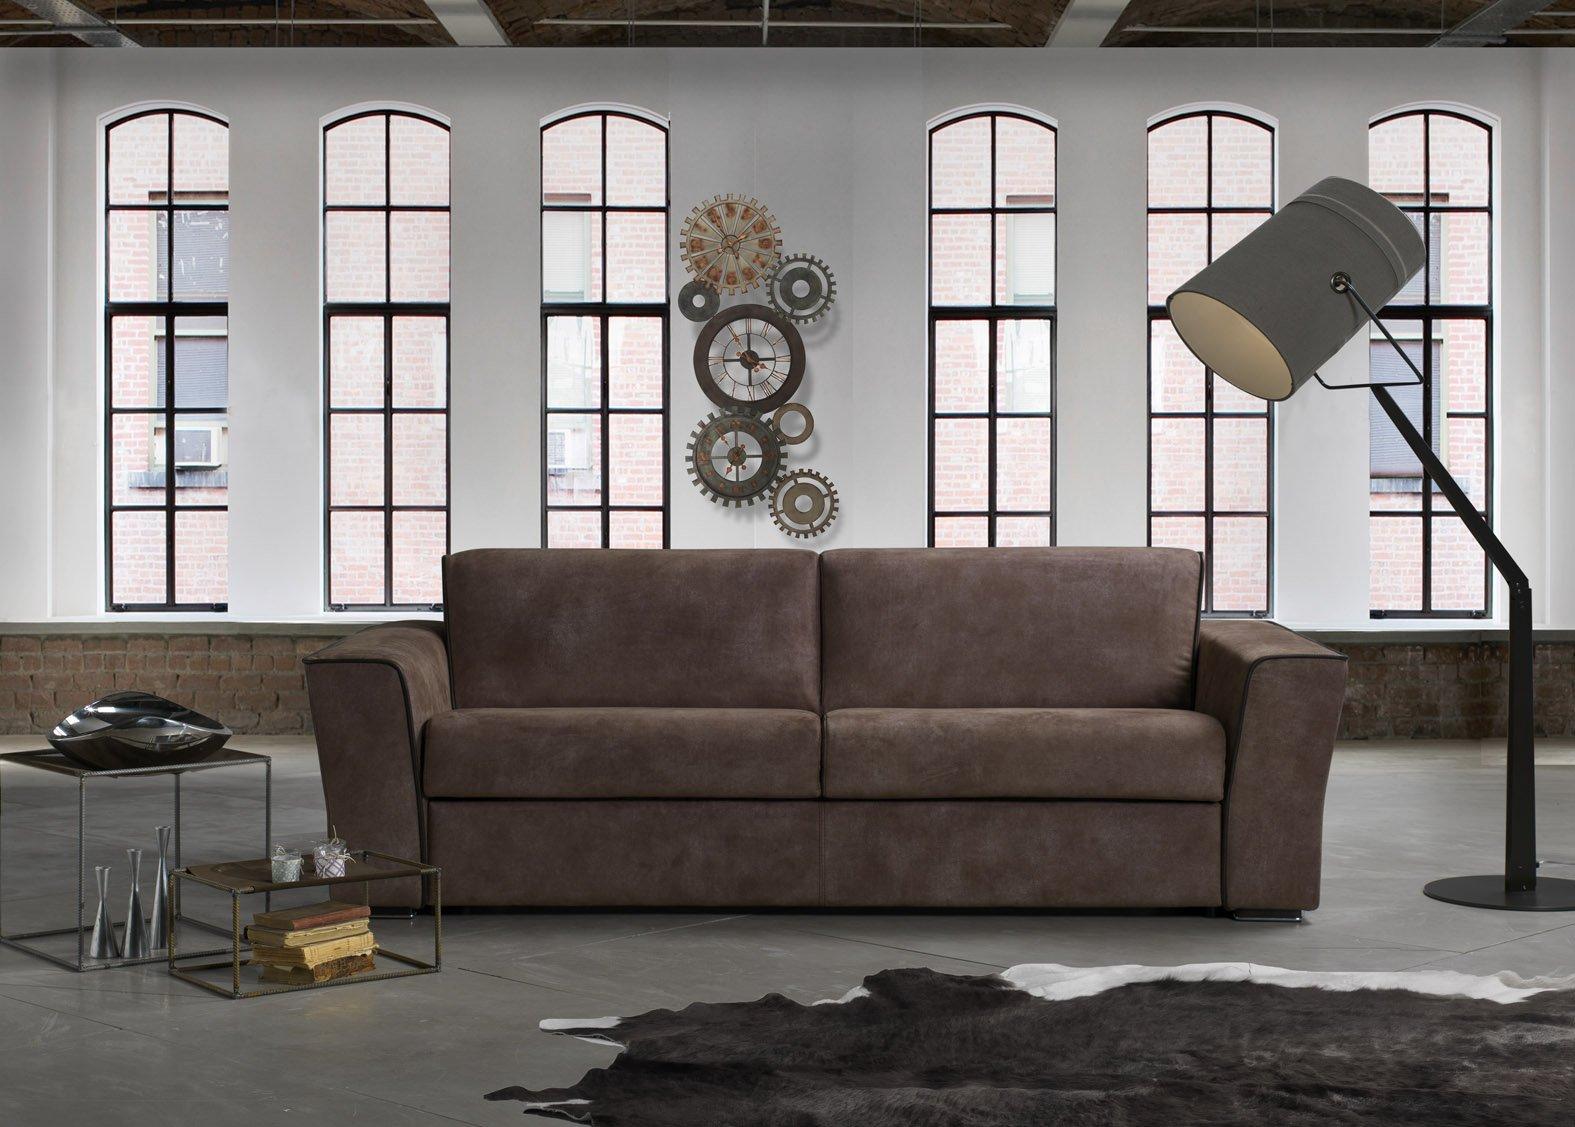 vista frontale di un divano con lampadina e finestre interni